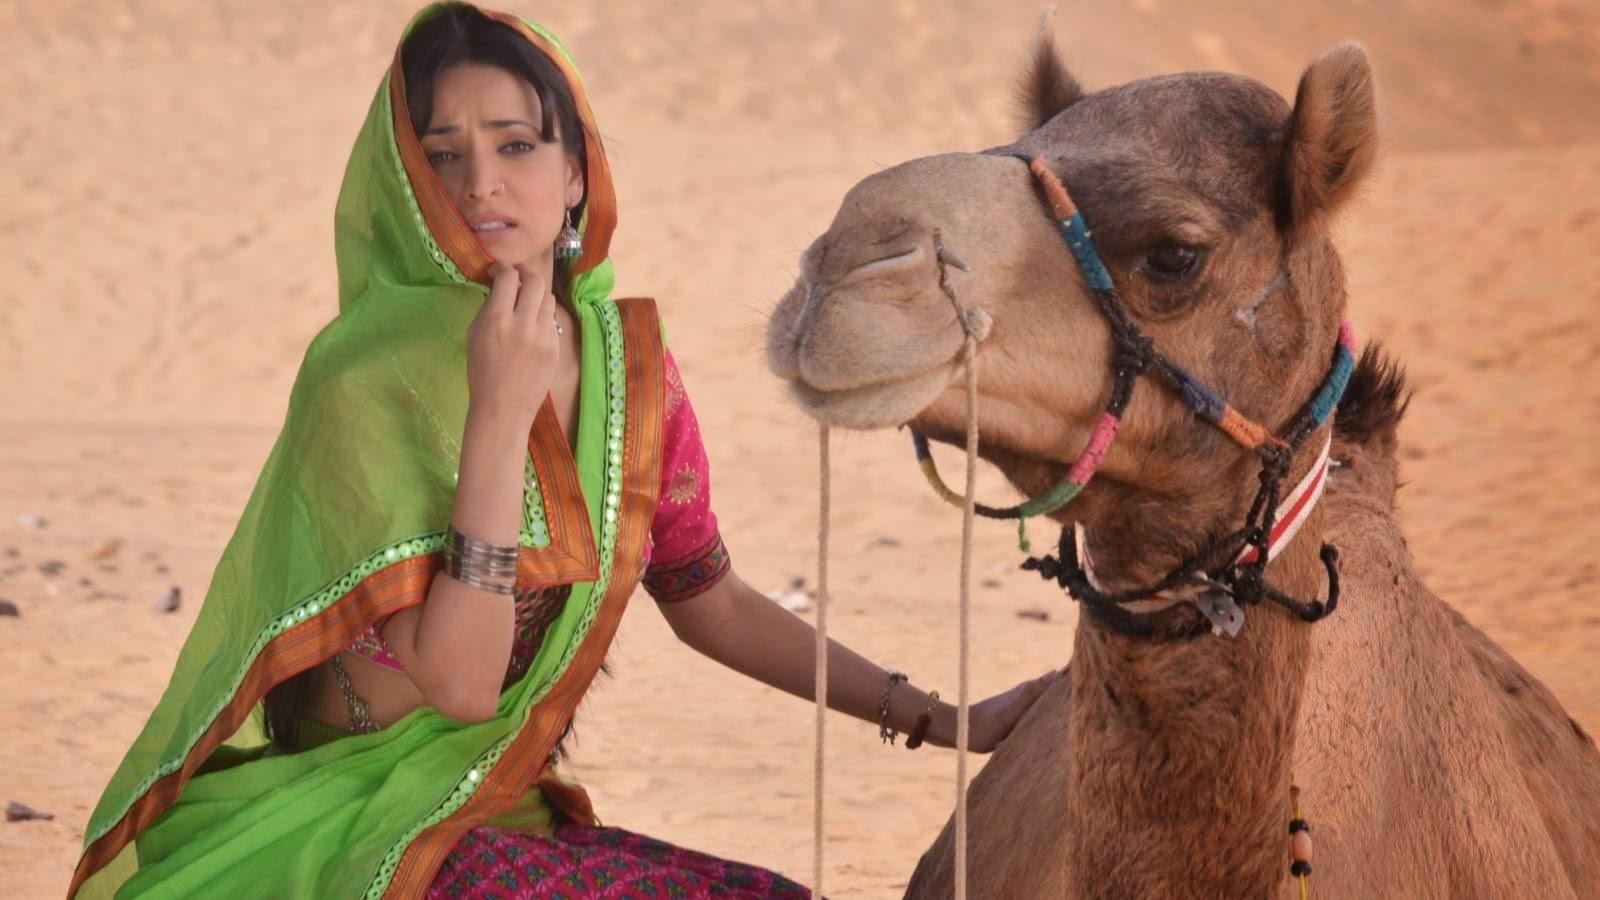 Sanaya Irani As Paro HD Wallpapers Free Download